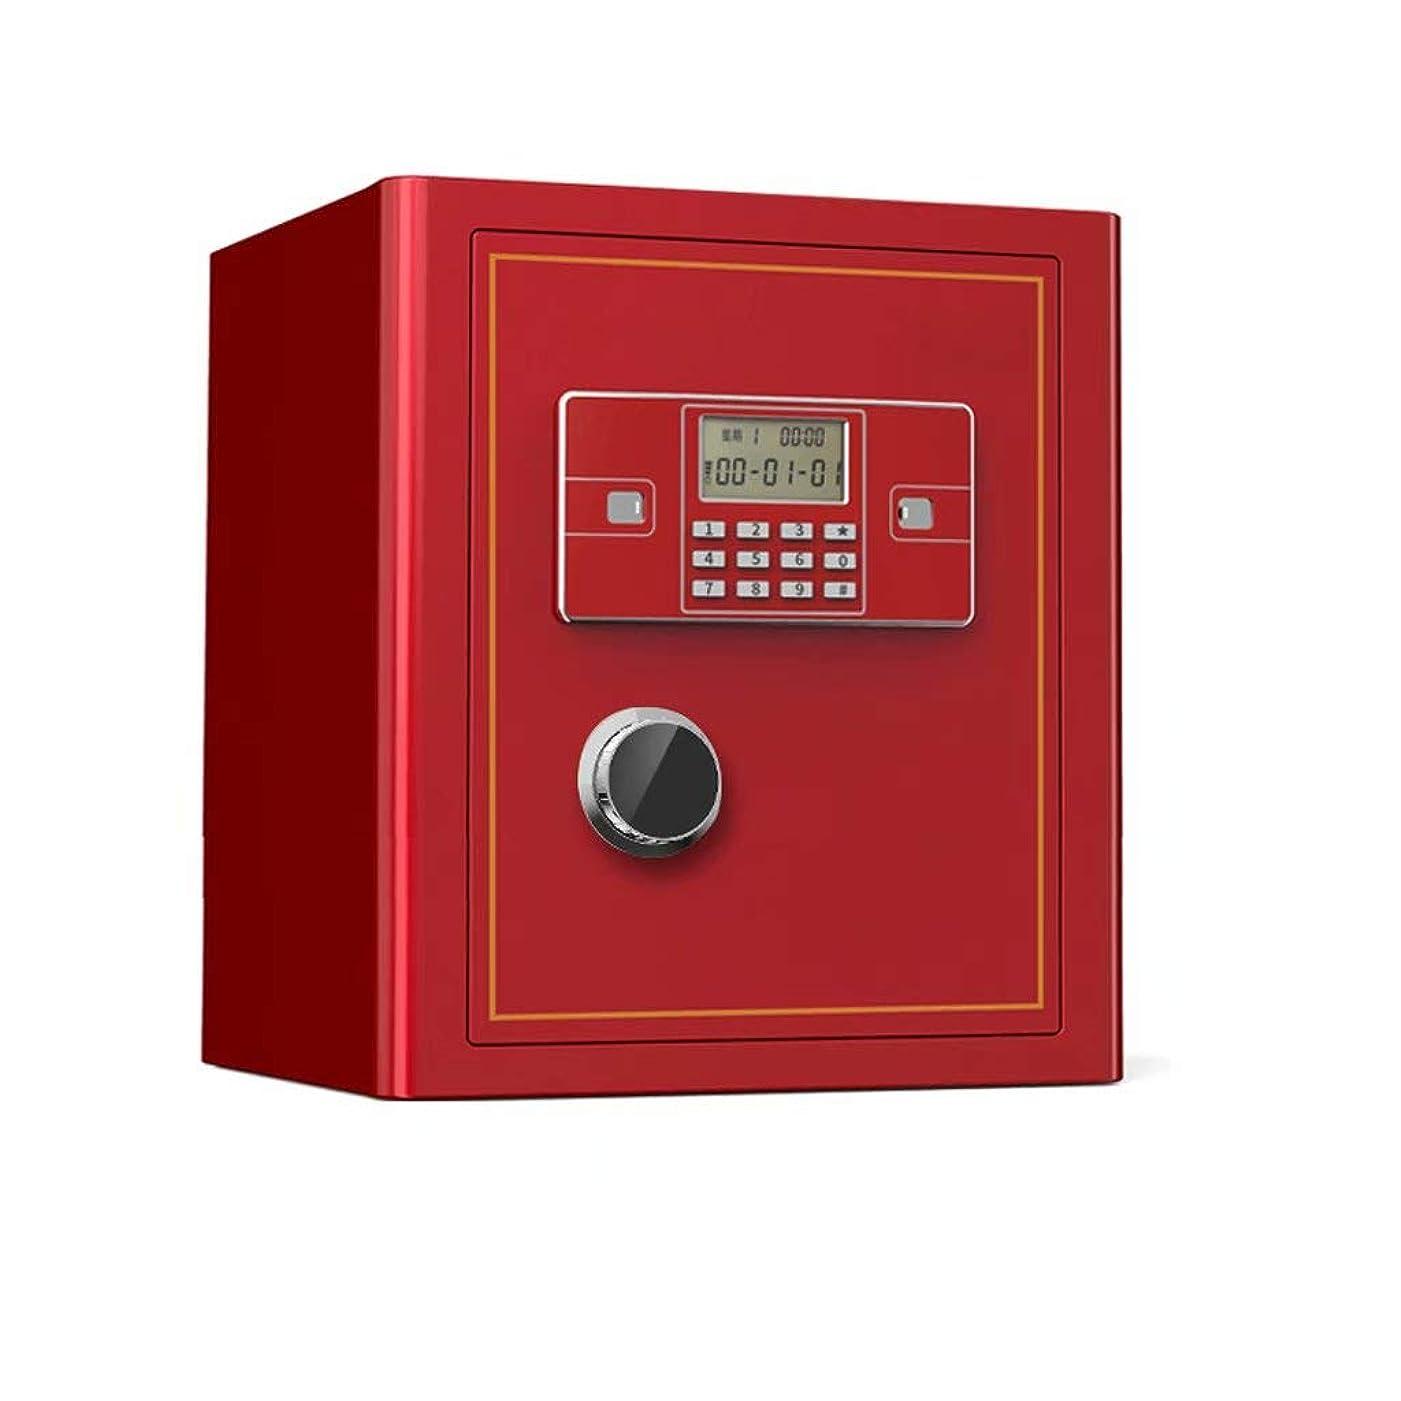 その後カフェ背骨車内に貴重品を保管するための金庫、高セキュリティのスチール指紋収納ボックス(36 * 33 * 40cm、赤)